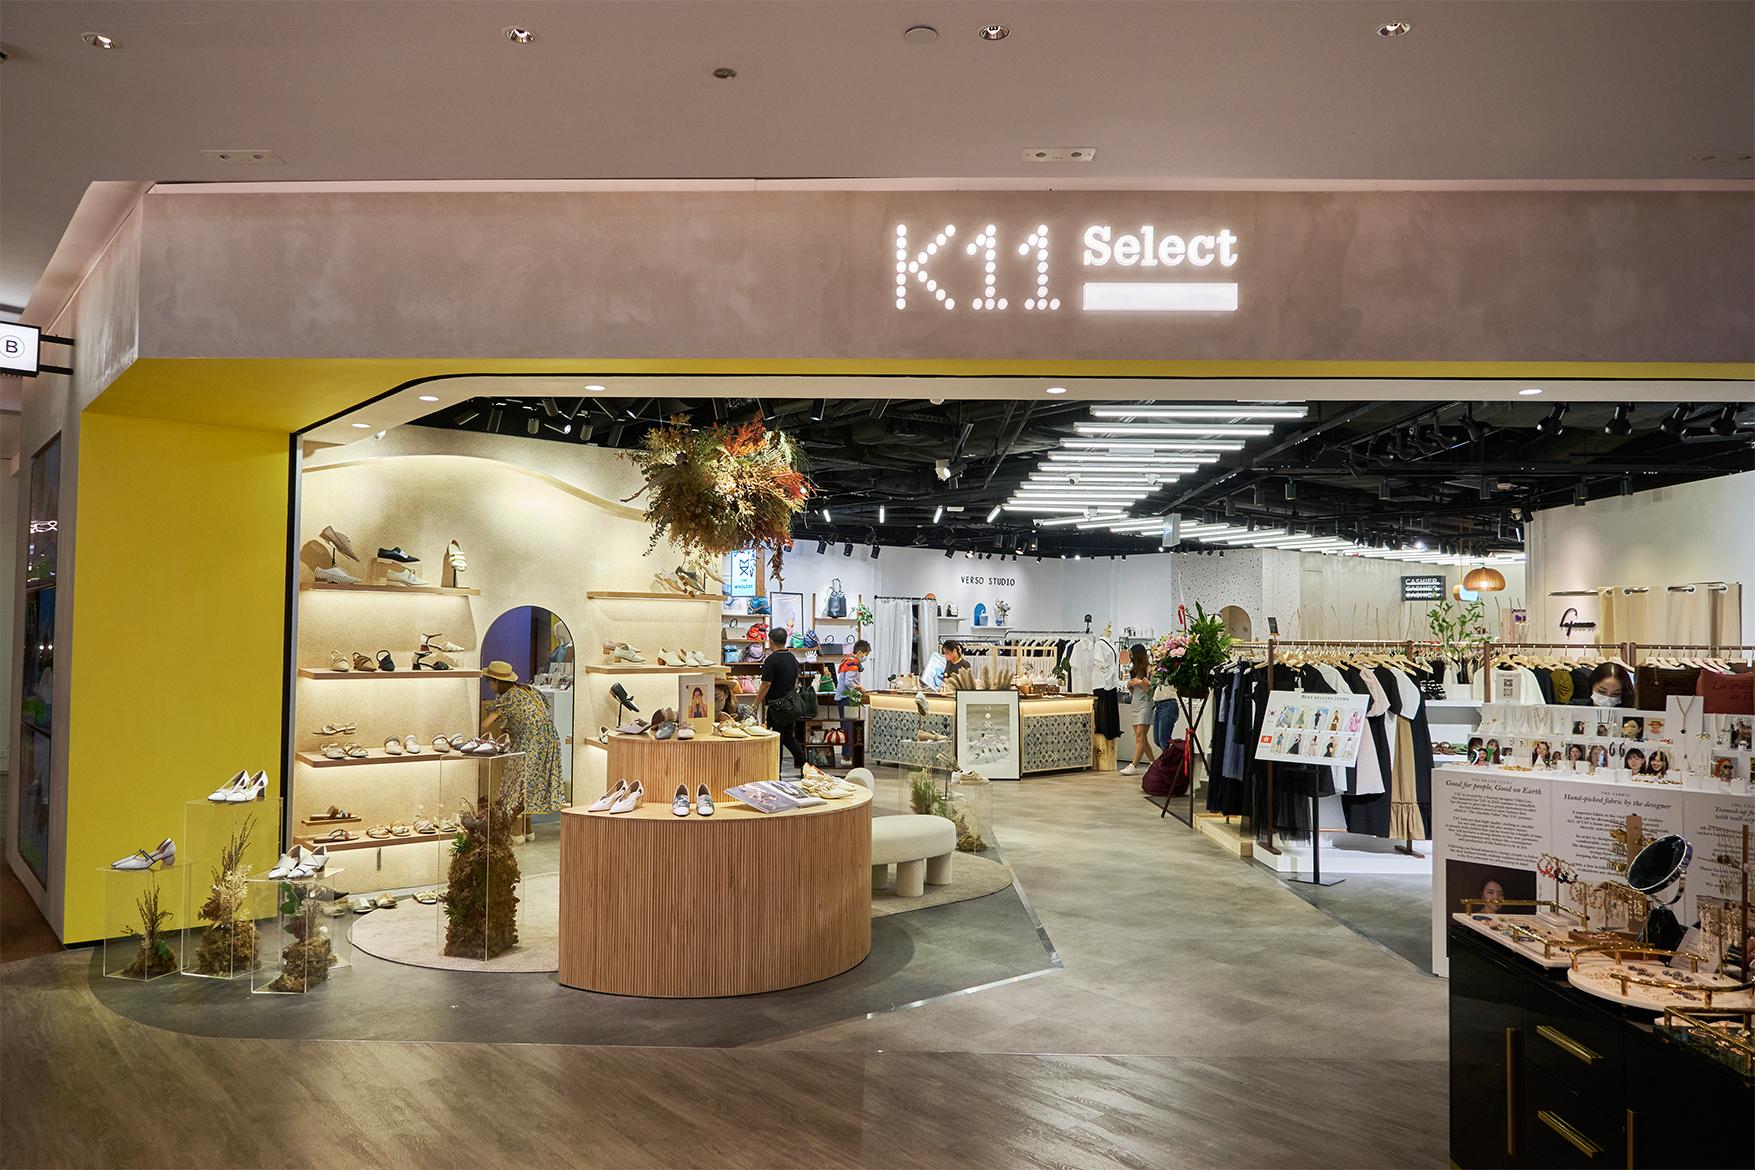 hong kong popspots k11 select k11 art mall asian designer brand